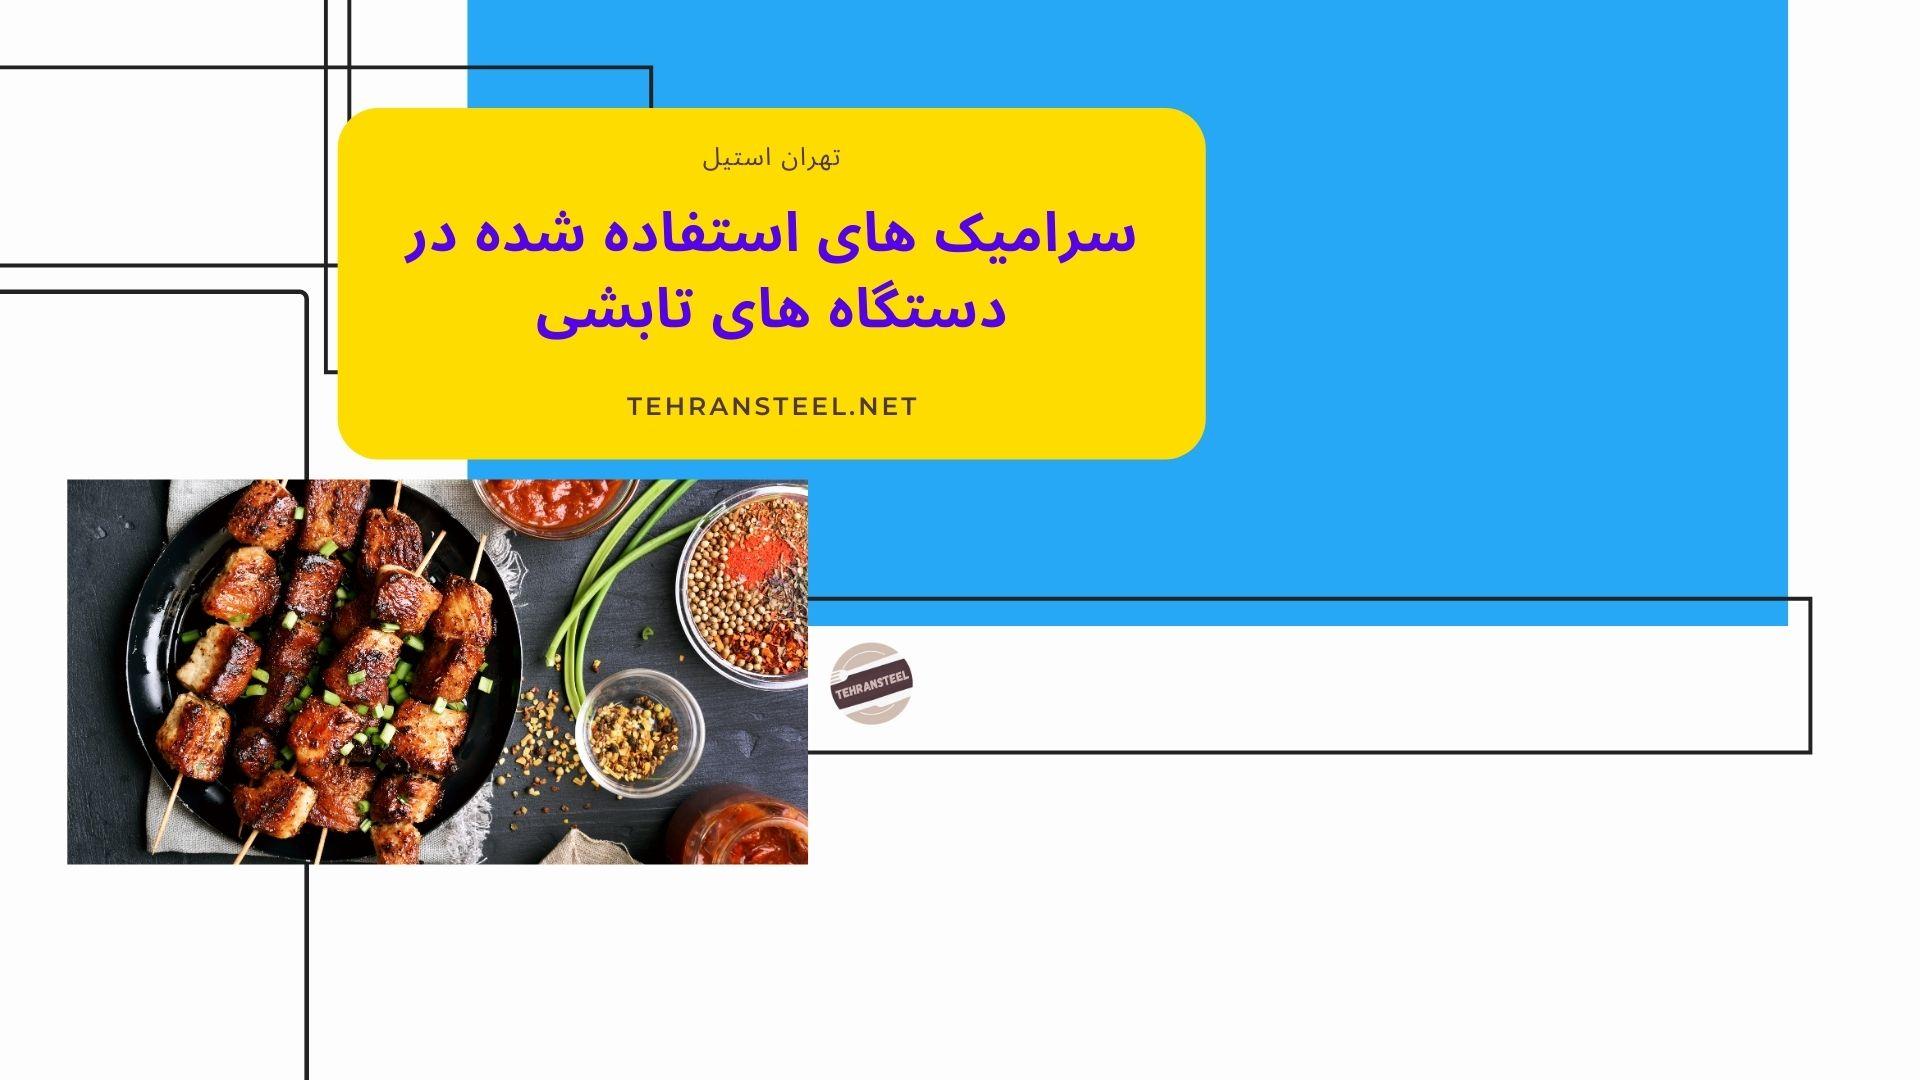 سرامیک های استفاده شده در دستگاه های تابشی: